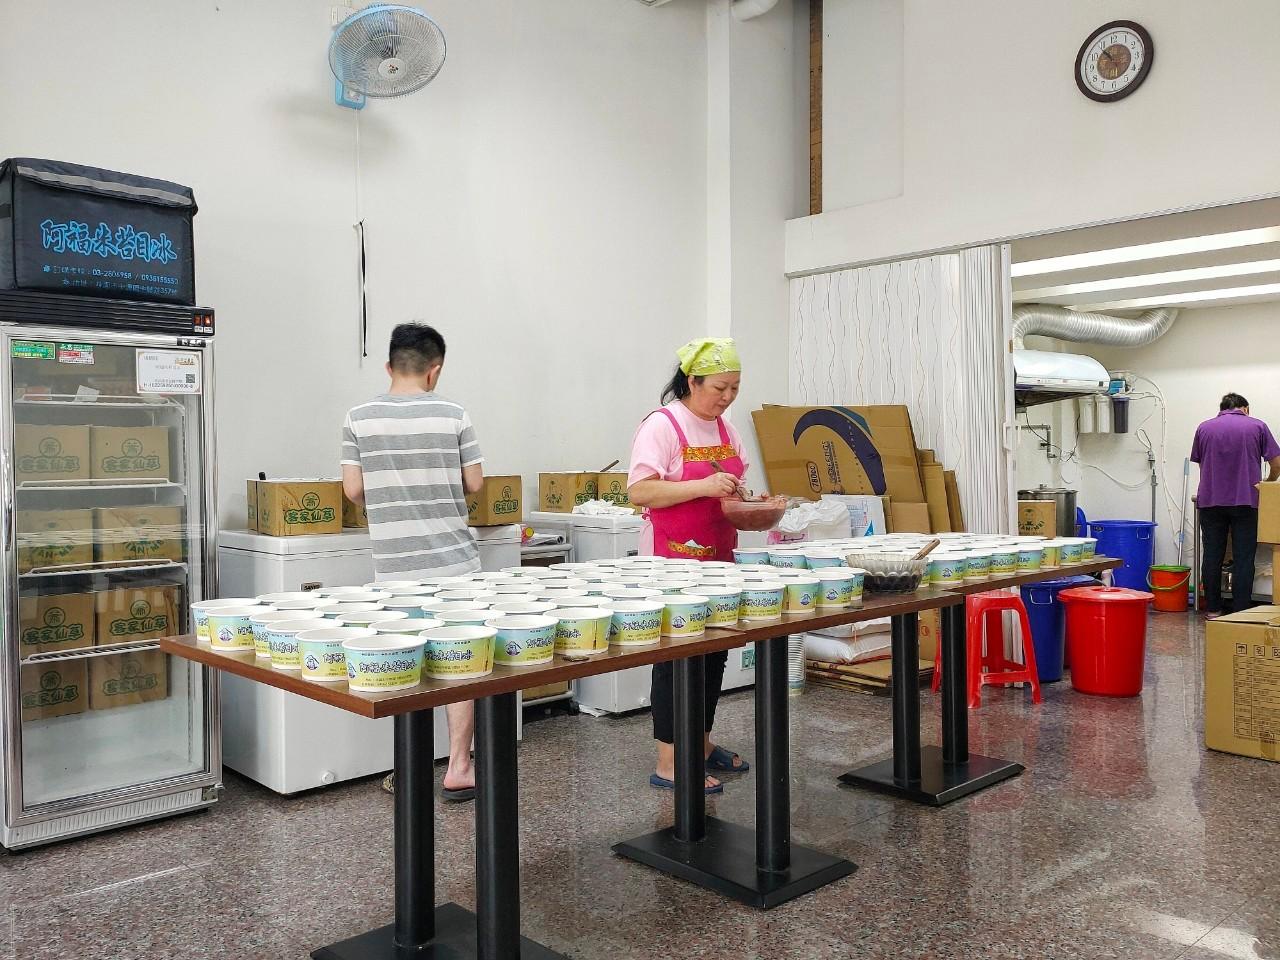 下午茶,中壢美食,中豐路,外帶,外送,小吃,粉粿,銅板美食,阿福米苔目冰